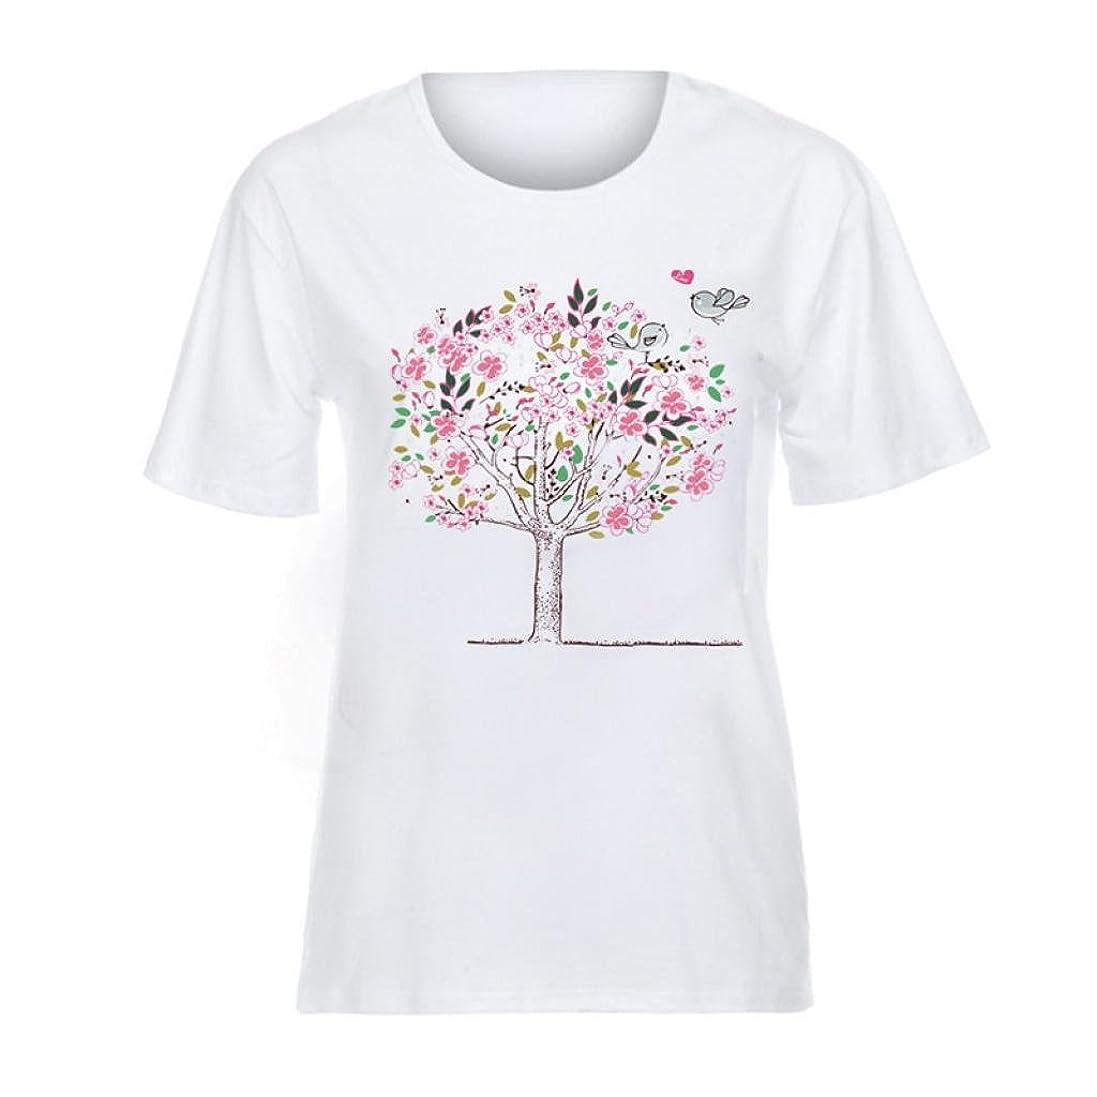 主張形状組SakuraBest 女性ショートスリーブツリープリントトップスカジュアルルーズホワイトTシャツ